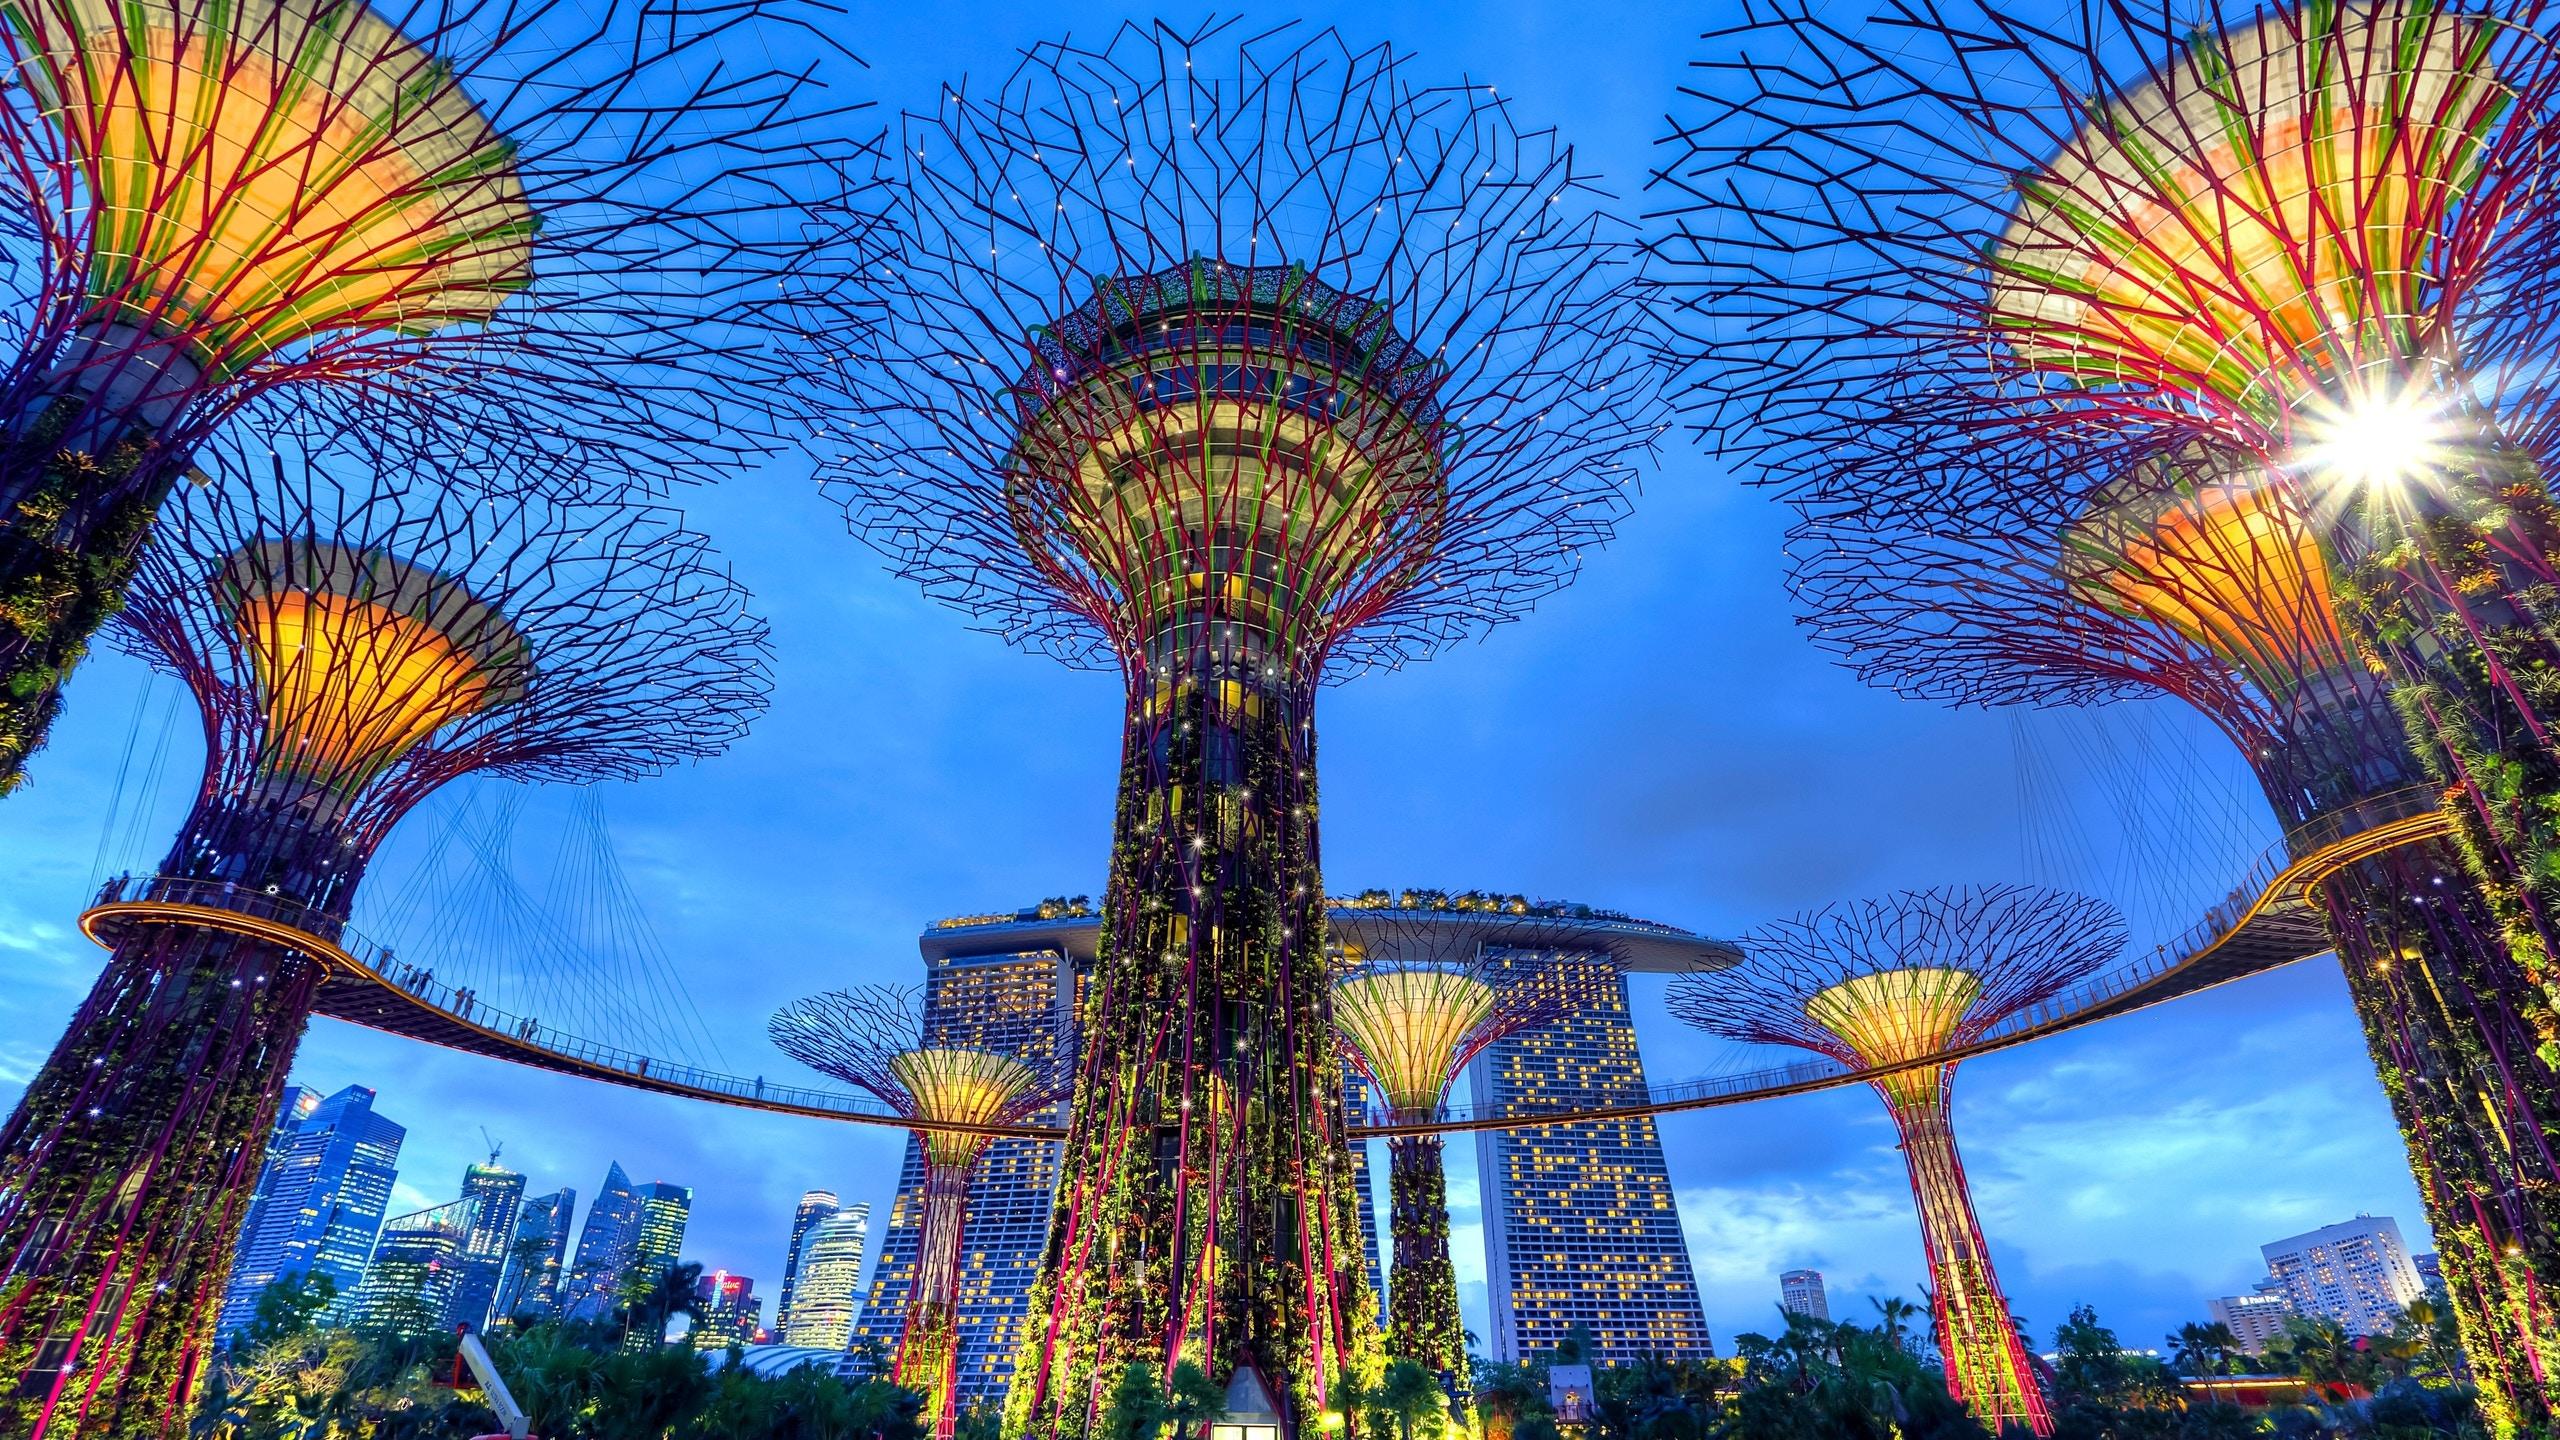 Singapur je ideální město k dlouhému přestupu. Když budete mít čas, můžete se dokonce připojit na bezplatnou tour městem, kterou organizuje letiště